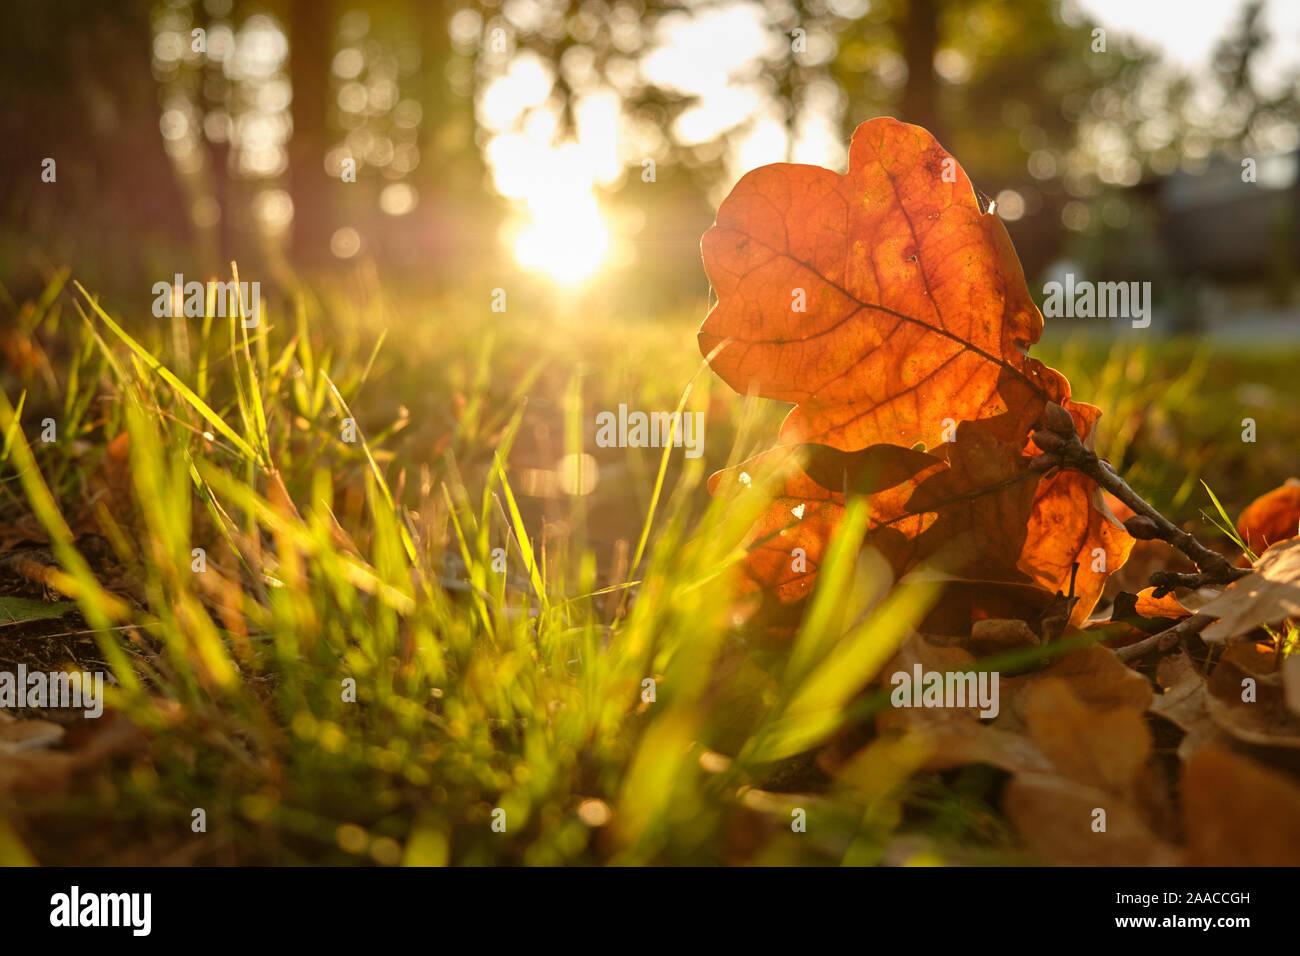 In der Nähe von schönen Herbst Blätter einer Eiche auf dem Boden liegend im Gras in der Hintergrundbeleuchtung auf den Sonnenuntergang unter Bäumen rund um Stockfoto